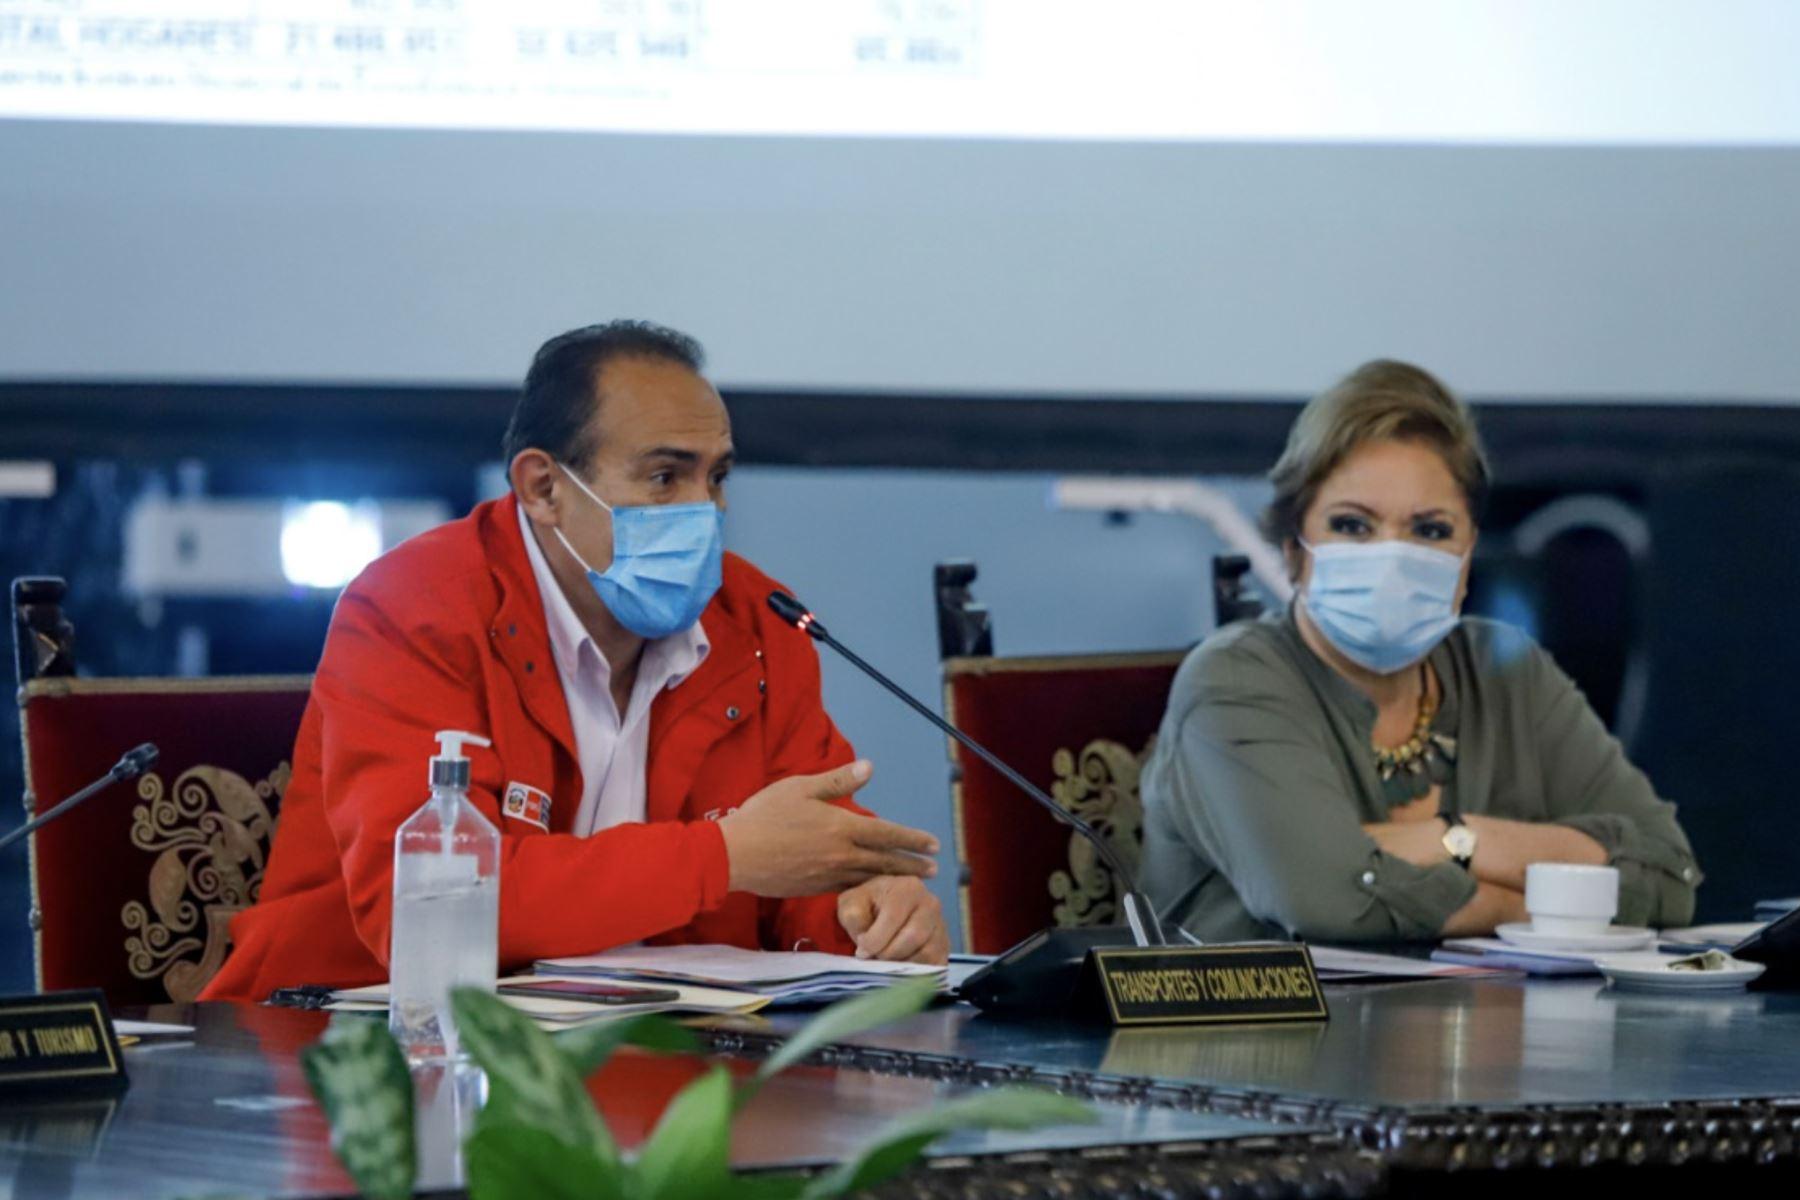 Presidente Martin Vizcarra, junto al titular de la PCM, Walter Martos, encabeza una nueva sesión del Consejo de Ministros, donde se evalúan los avances en la lucha contra la pandemia, las medidas adoptadas para la reactivación económica y el apoyo social a la población. Foto: ANDINA/PCM